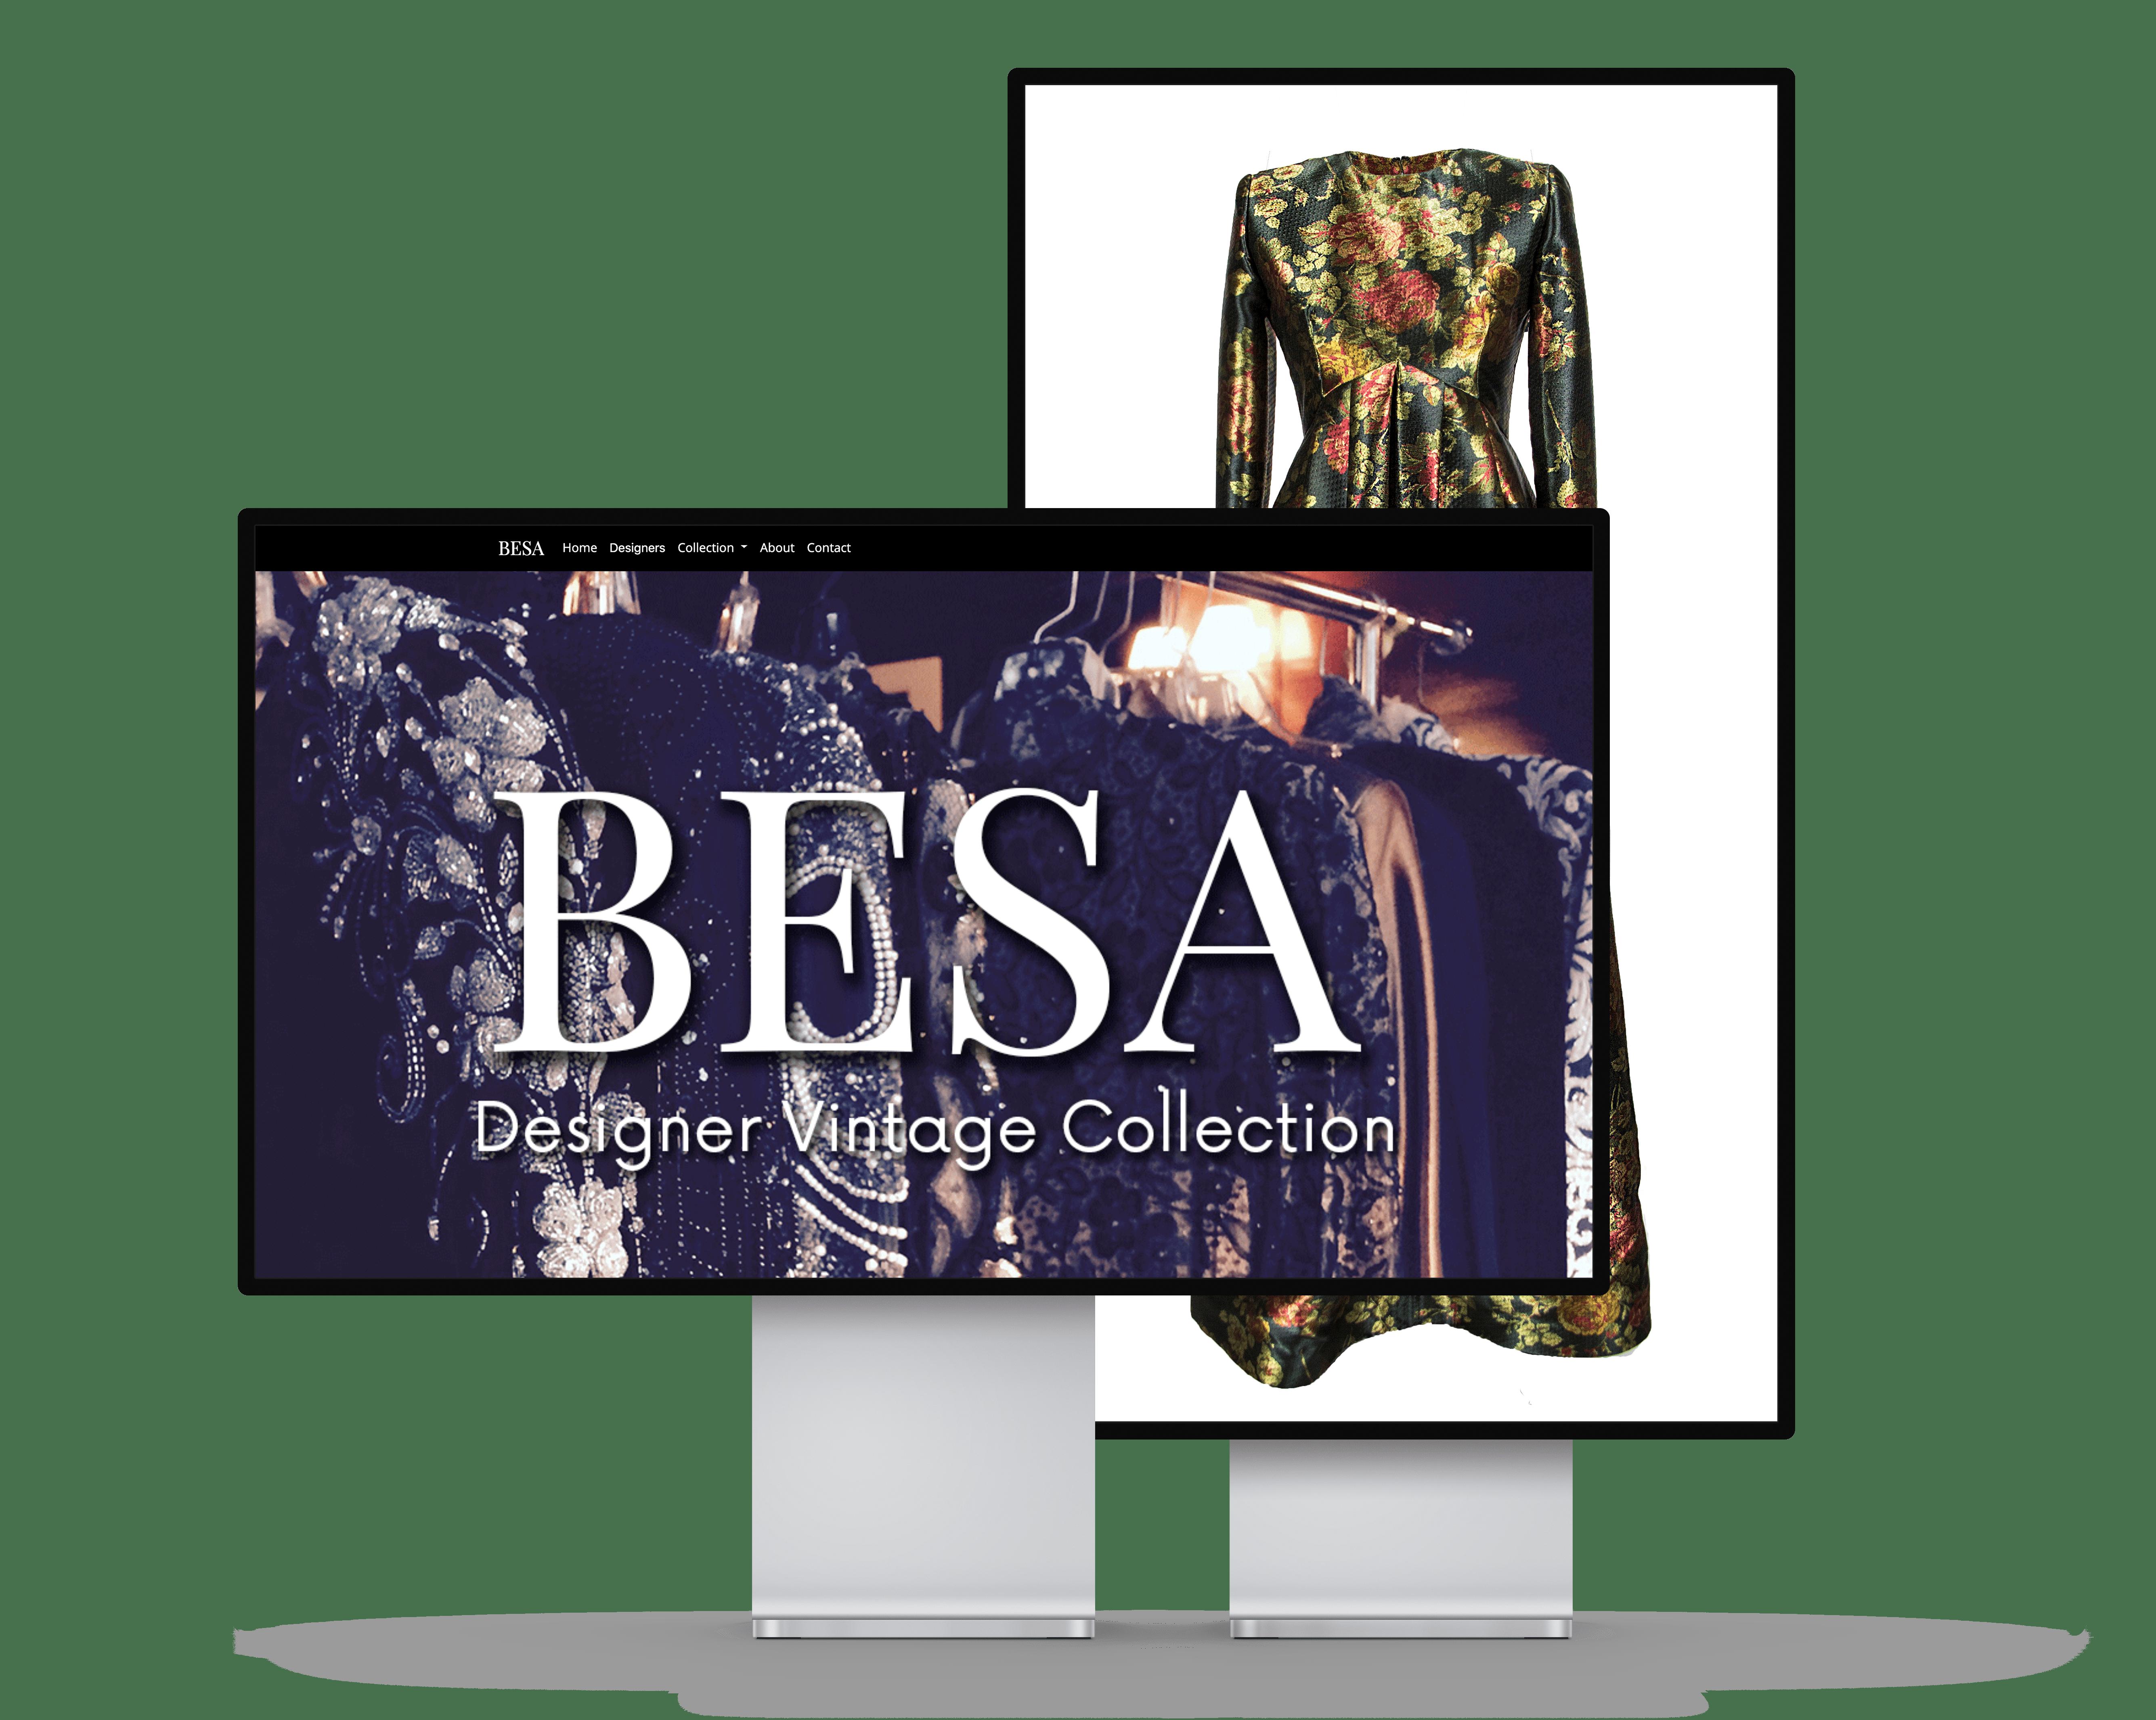 besa-desktop